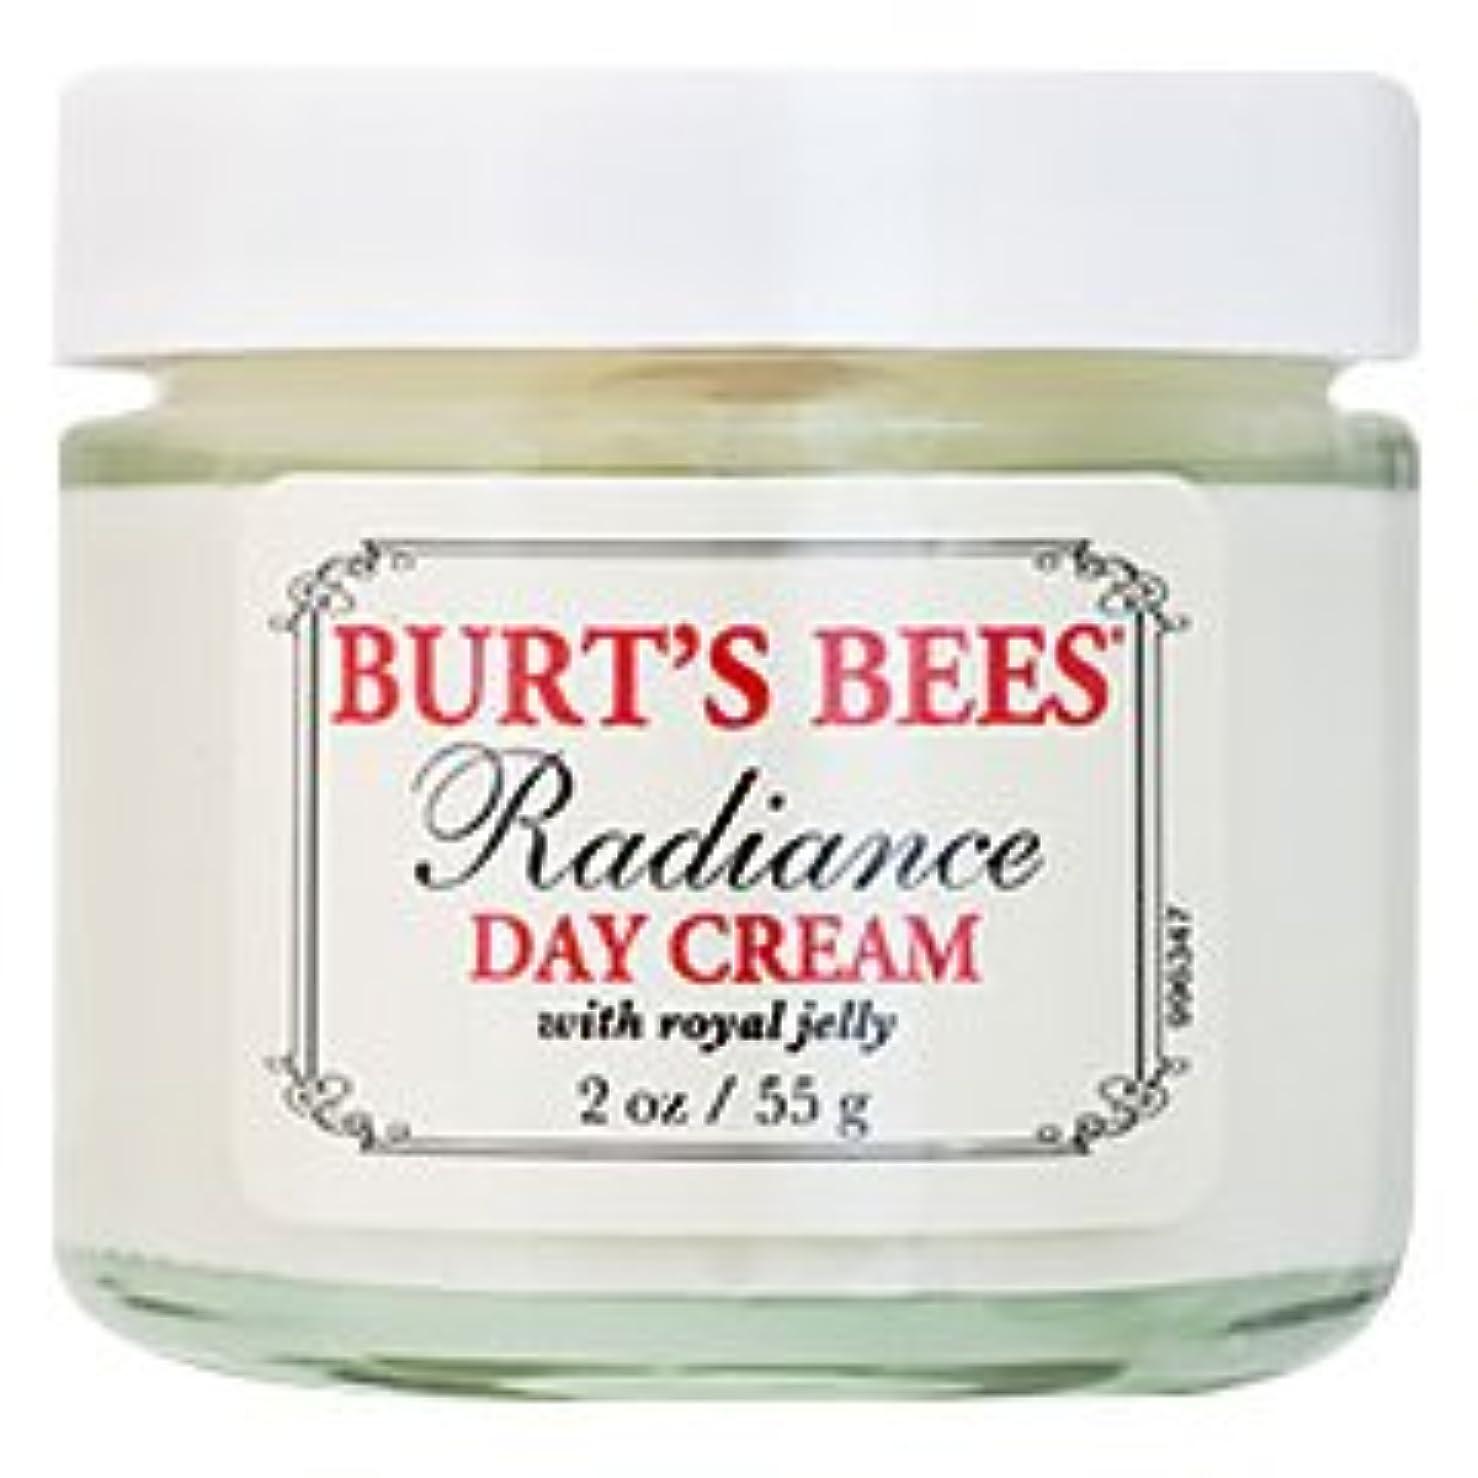 わなプレビスサイト不振バーツビーズ(Burt's Bees) ラディアンス デイクリーム(ロイヤルジェリー) 55g [海外直送品][並行輸入品]